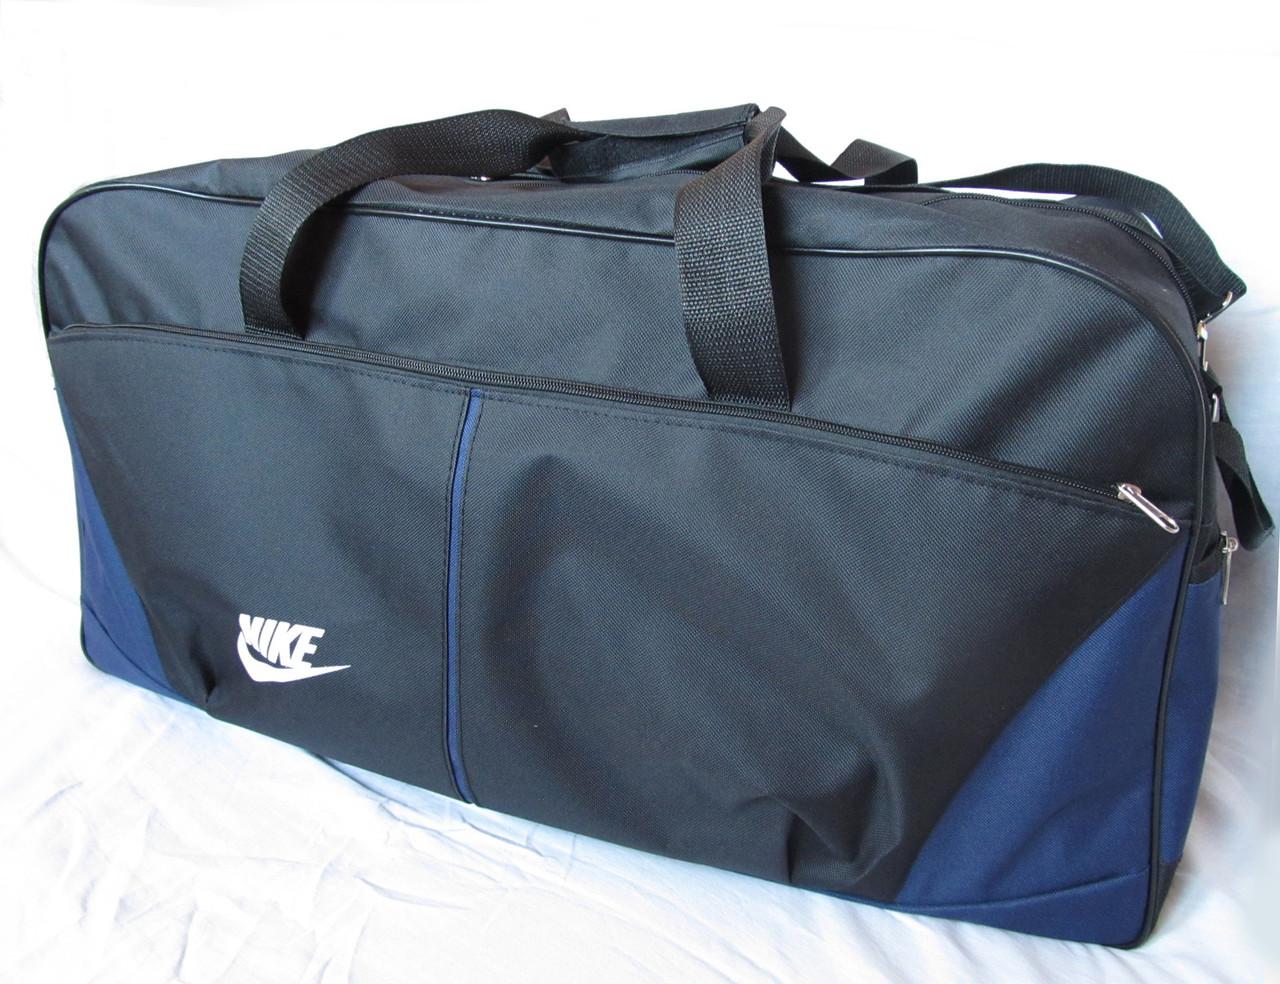 548816f2 Дорожная сумка через плечо спортивная Найк 120-2 черная с синим 69см 72л -  Интернет